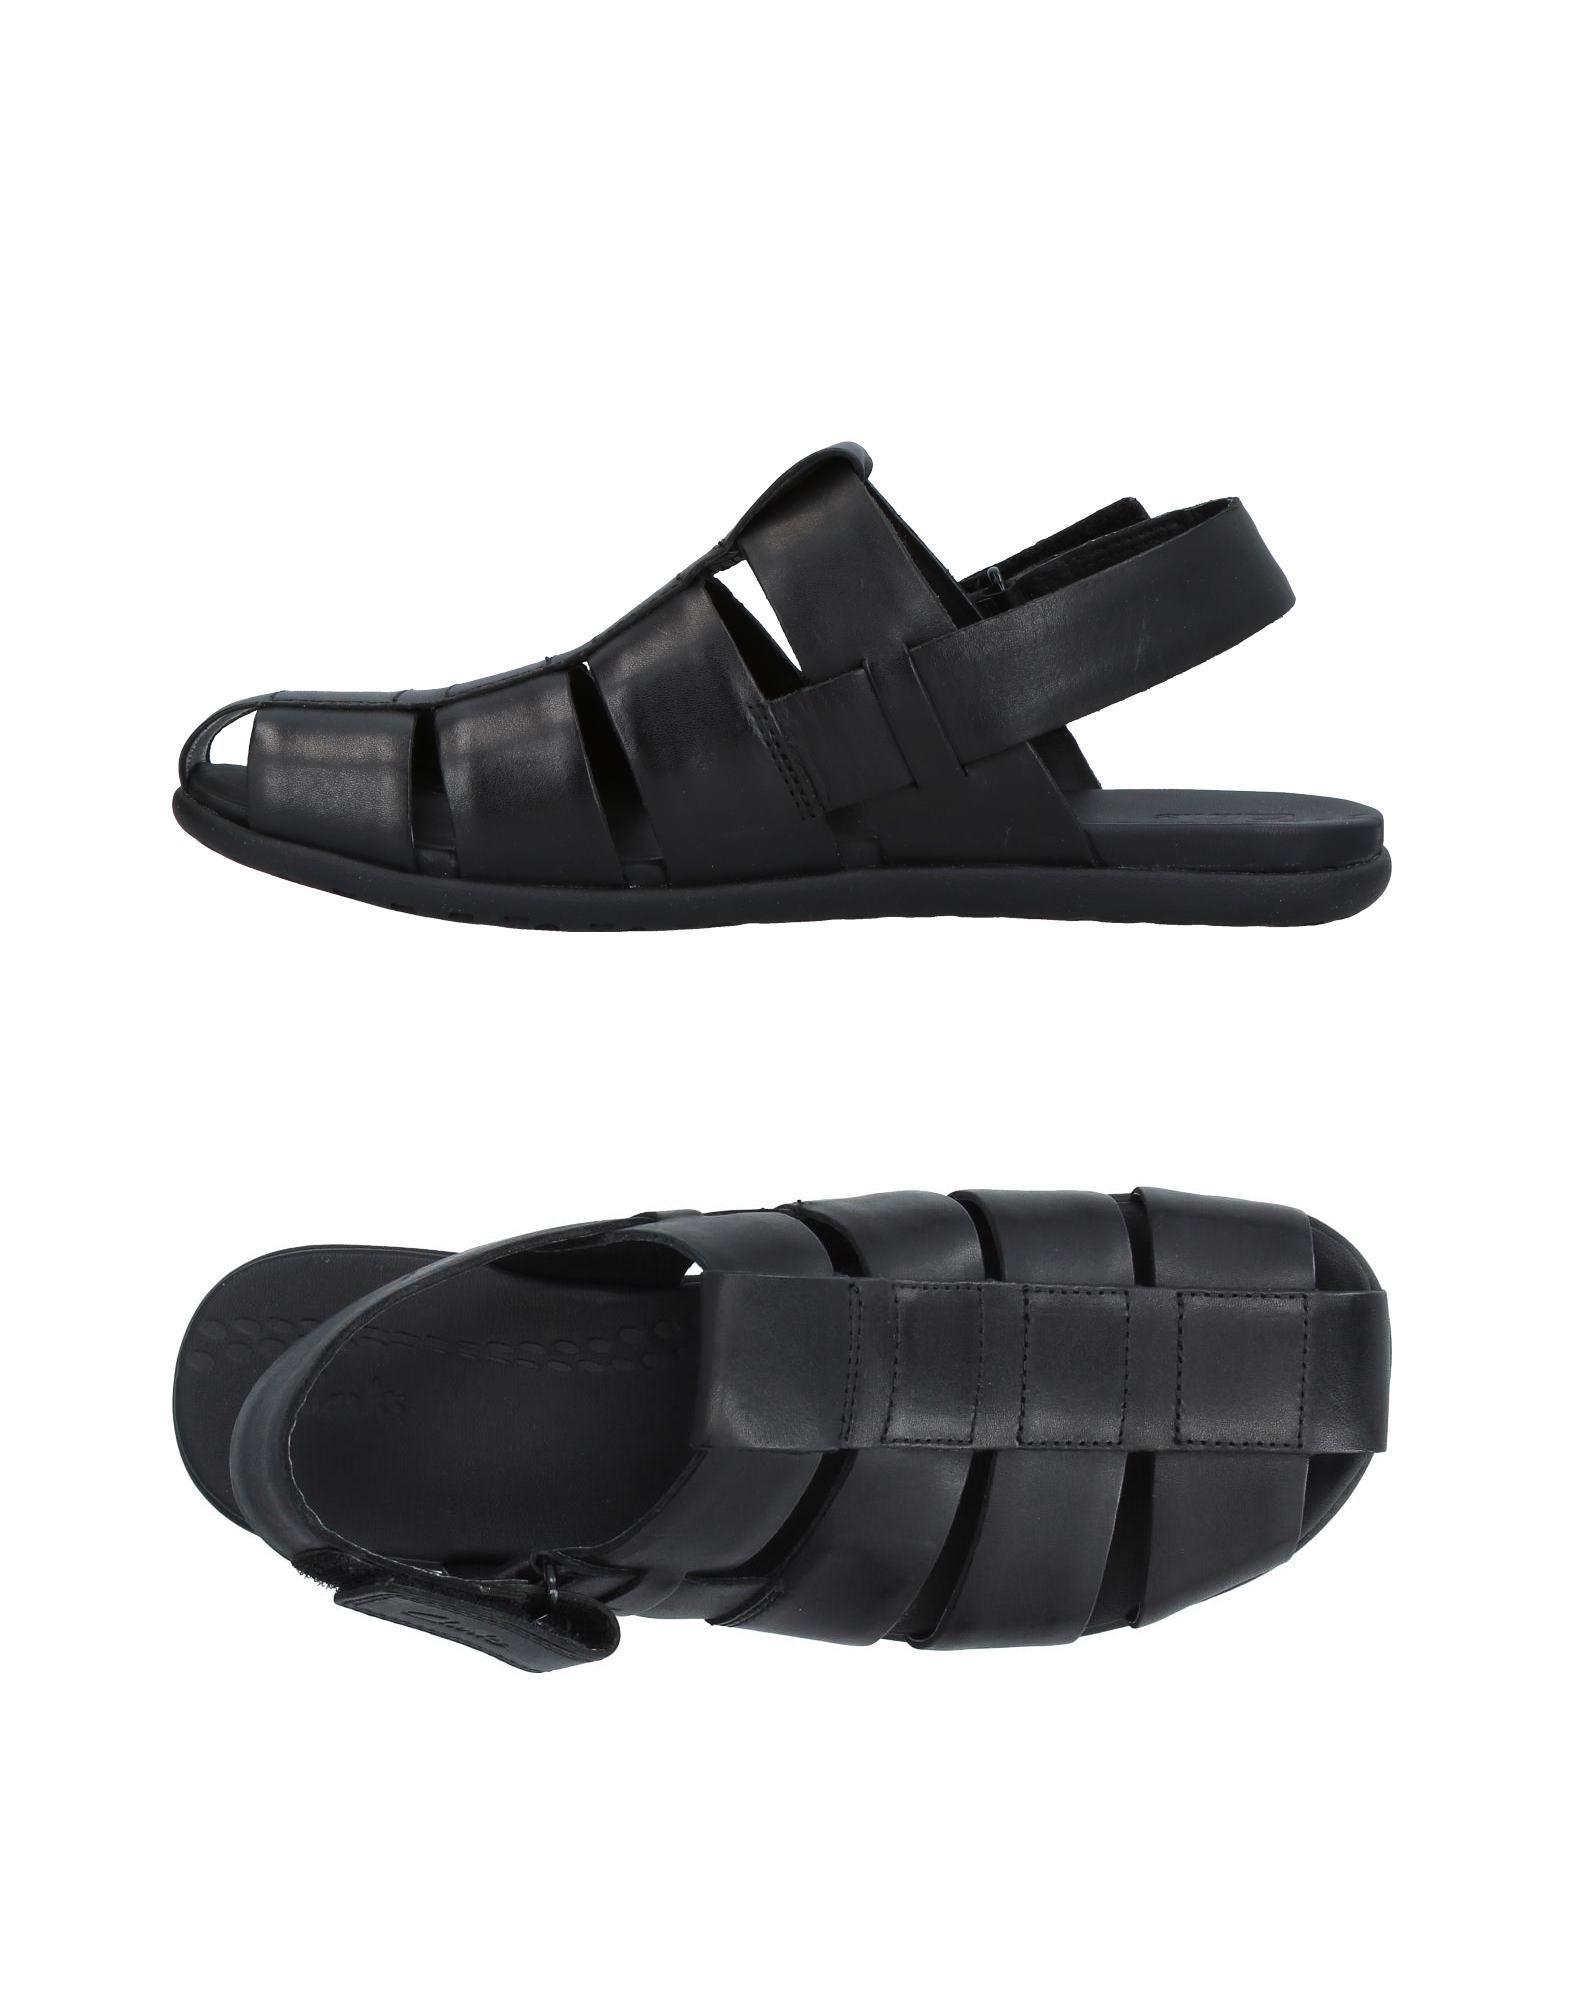 b95e84818337 CLARKS. Men s SandalsClarksMen Sandals